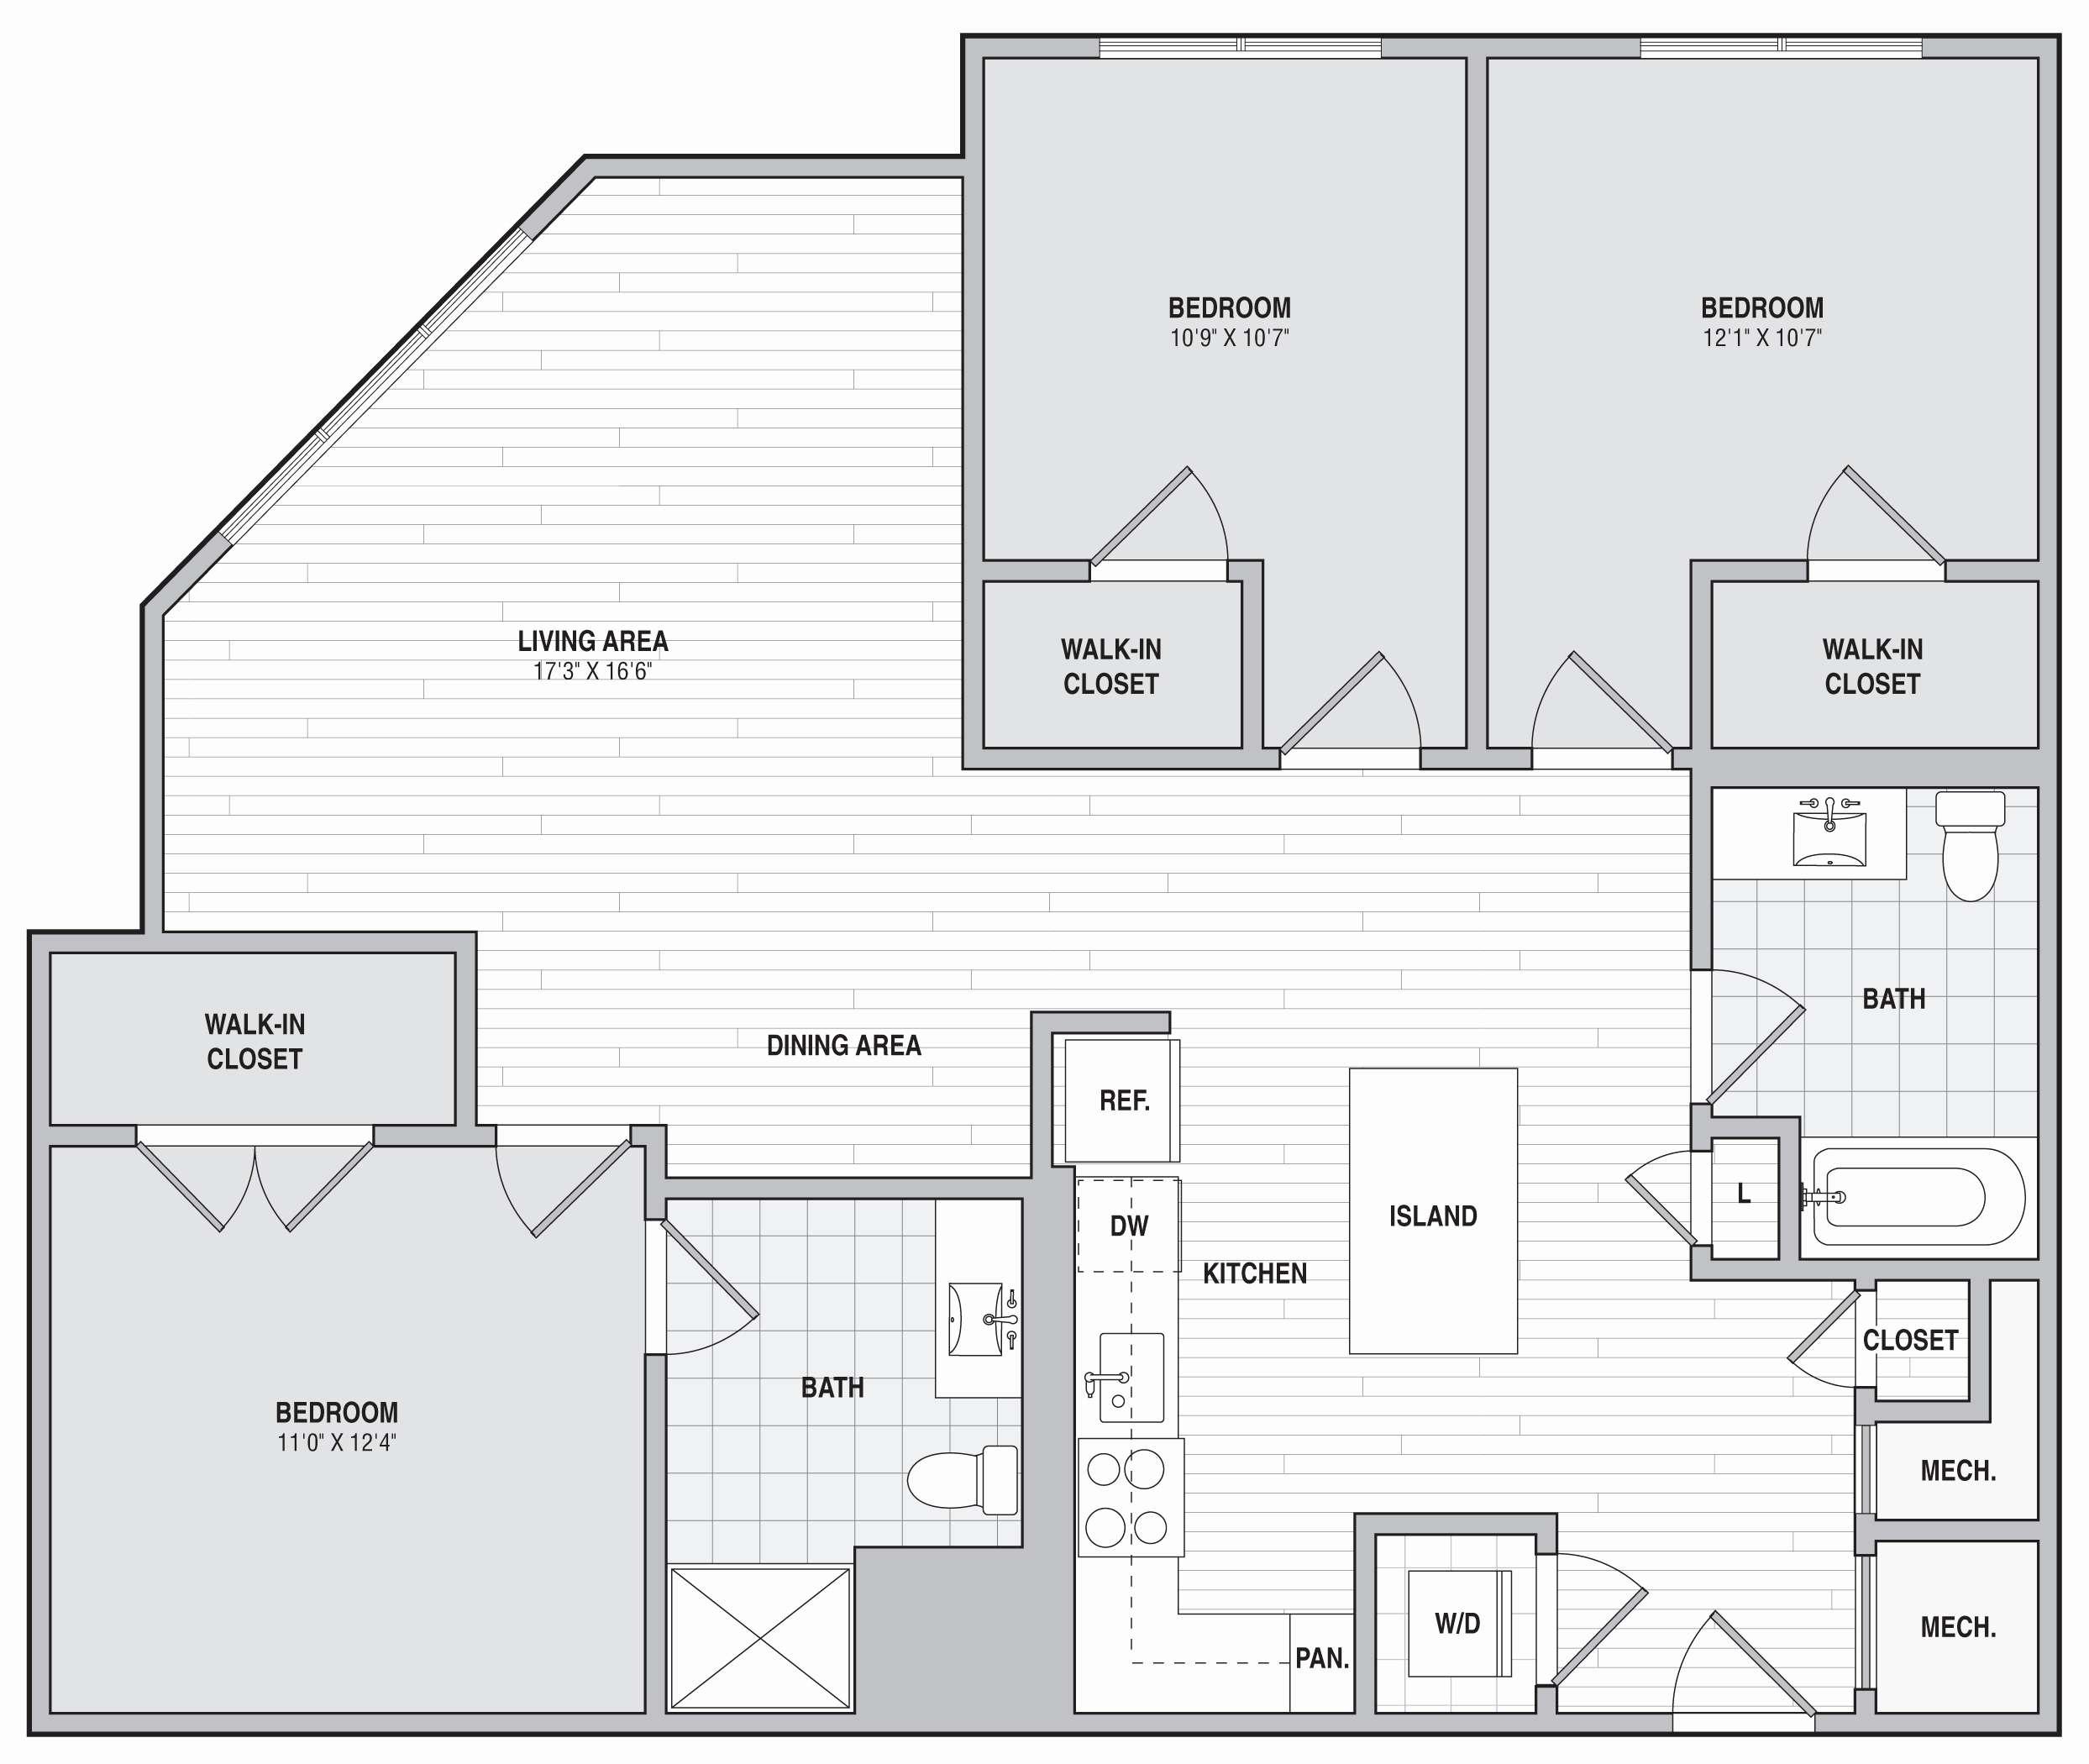 Metal Buildings Floor Plan Residential Gurus